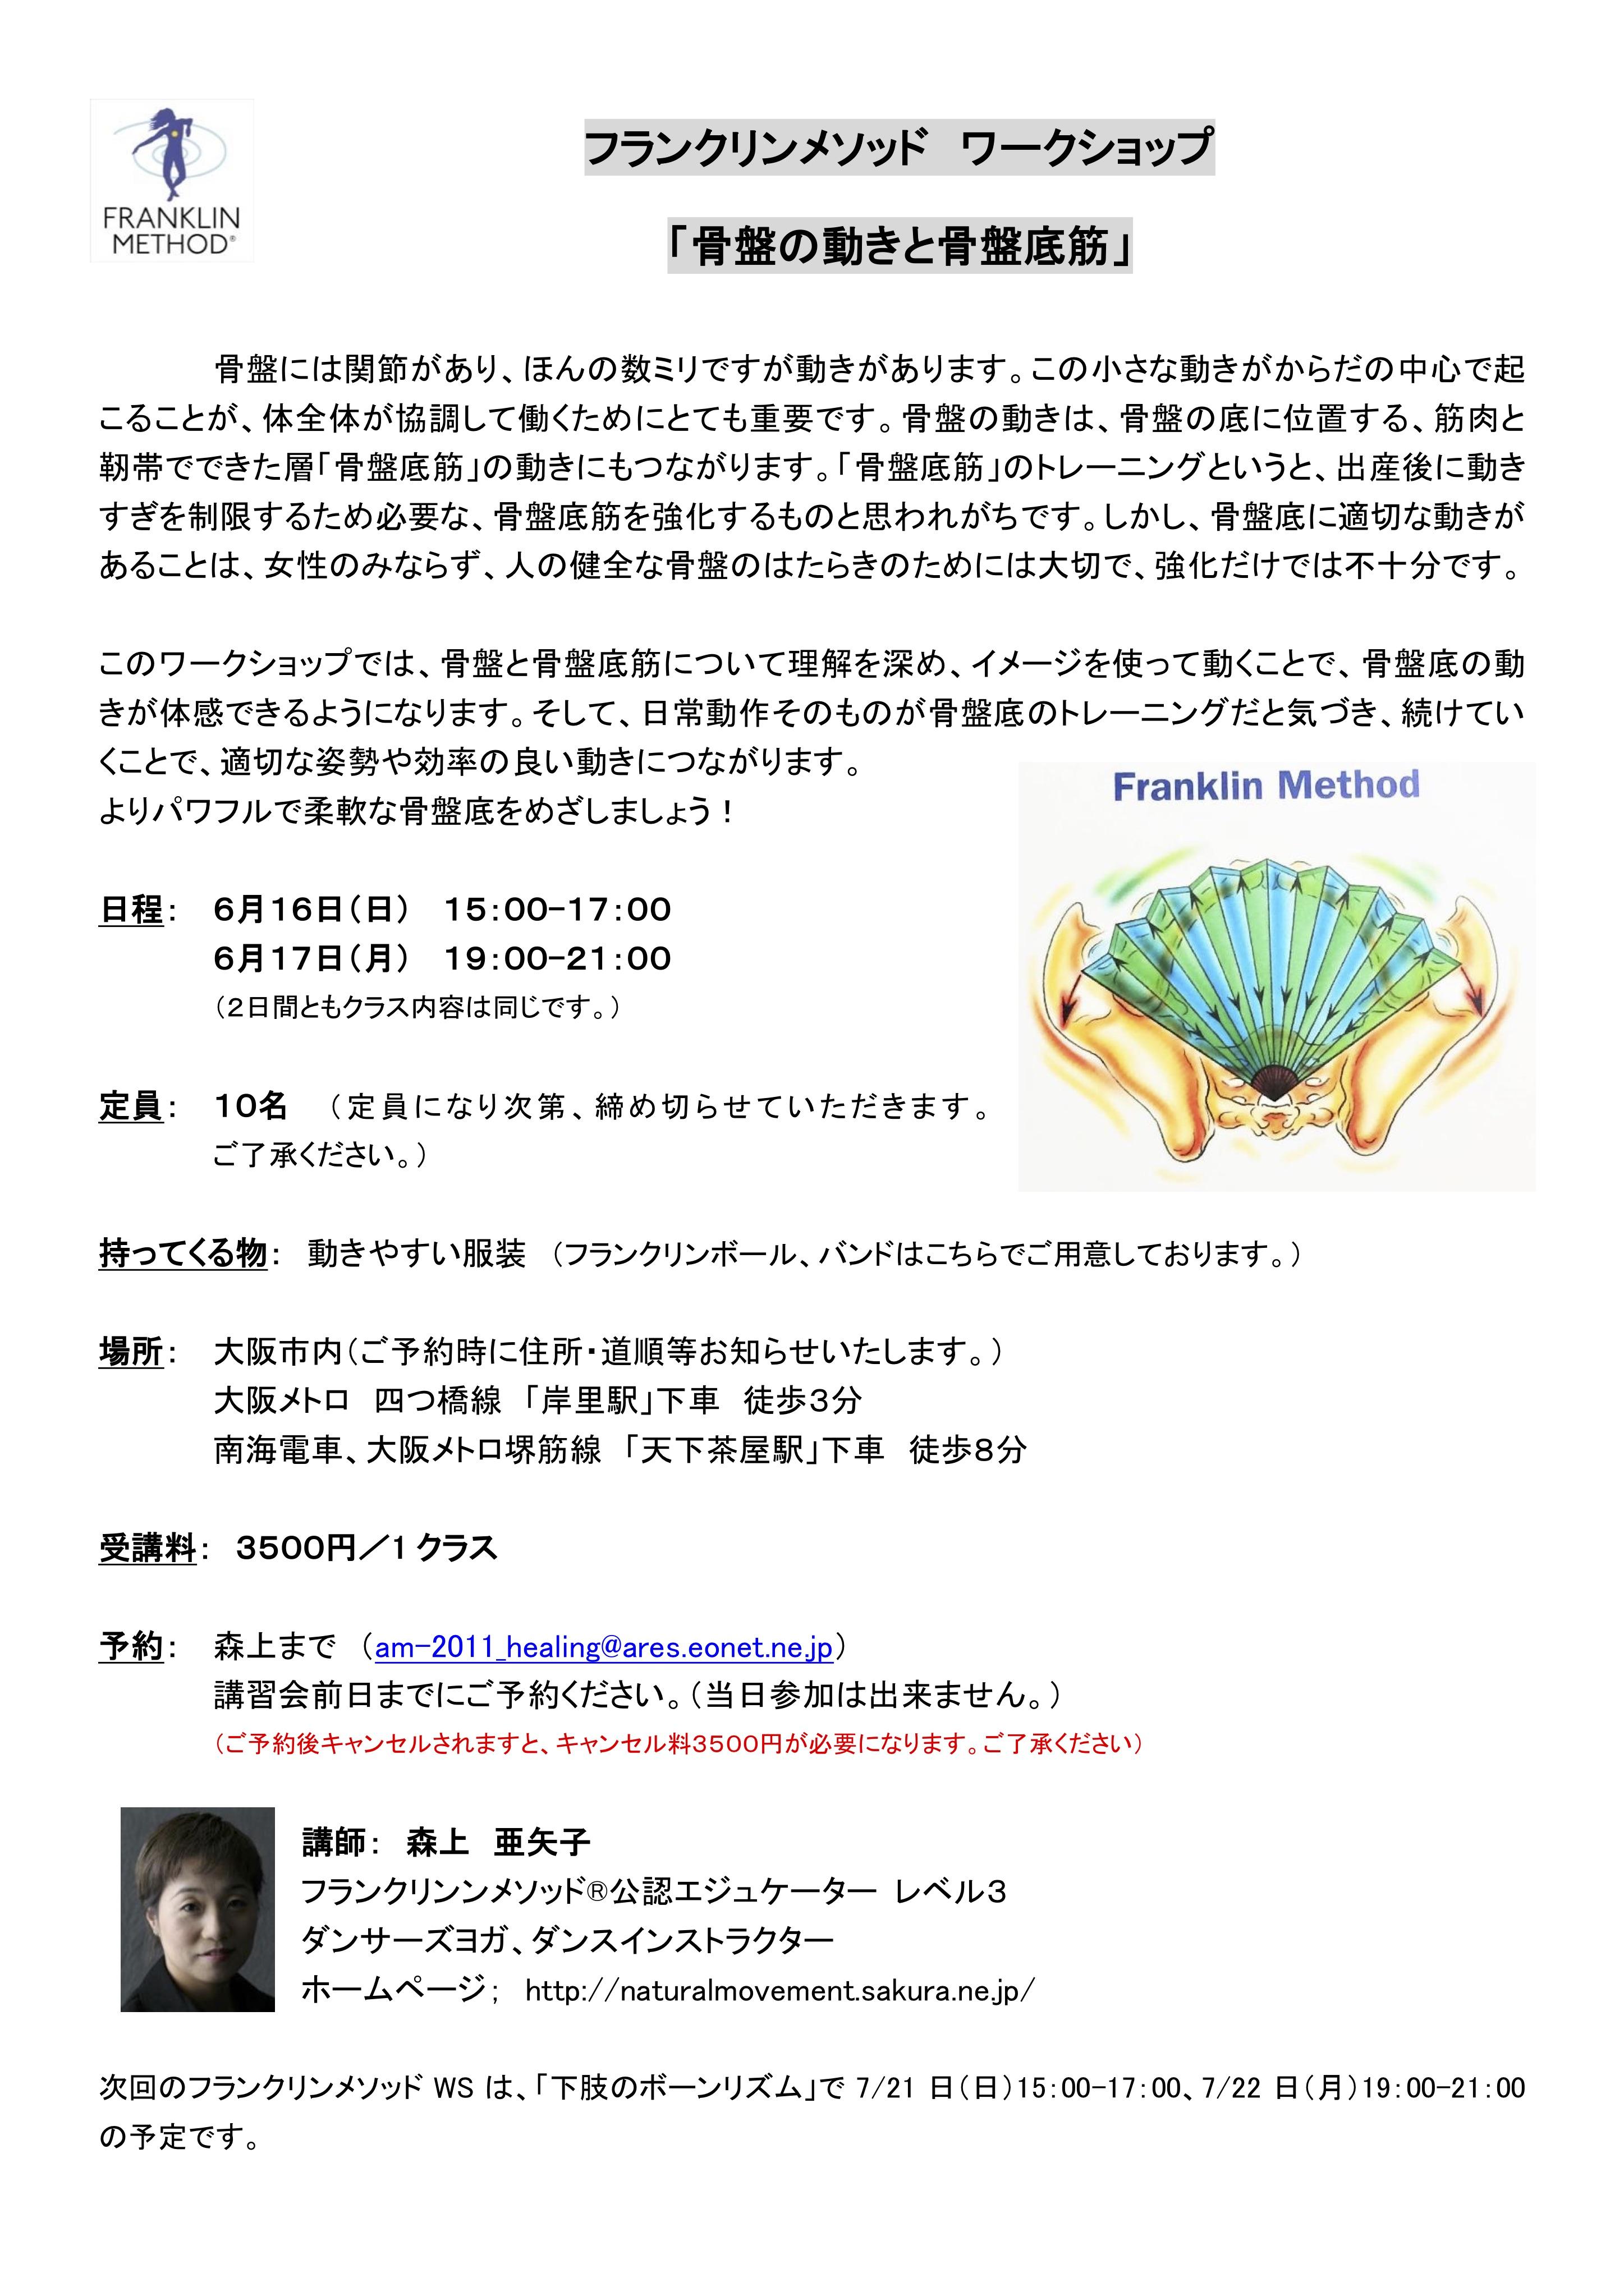 6/17(月)大阪 森上亜矢子WS「骨盤の動きと骨盤底筋」